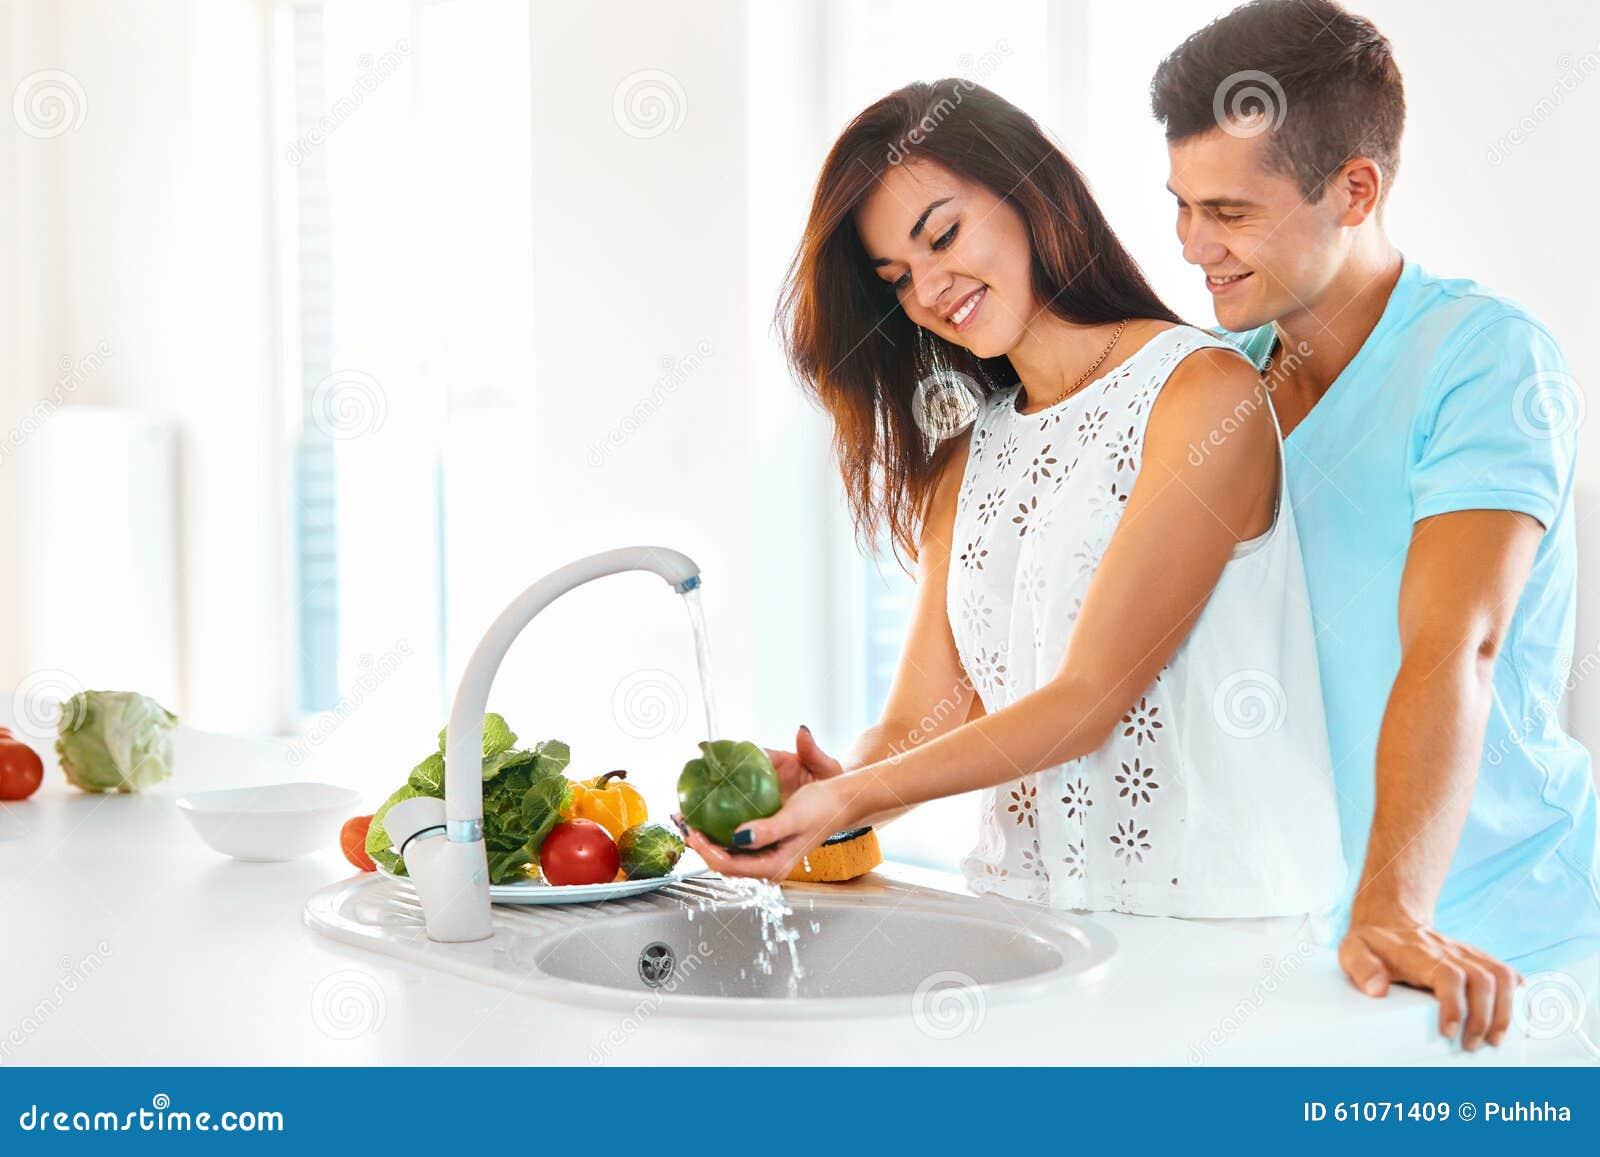 洗涤菜的愉快的年轻美丽的妇女,当拥抱她的英俊的人从后面在厨房里时.图片